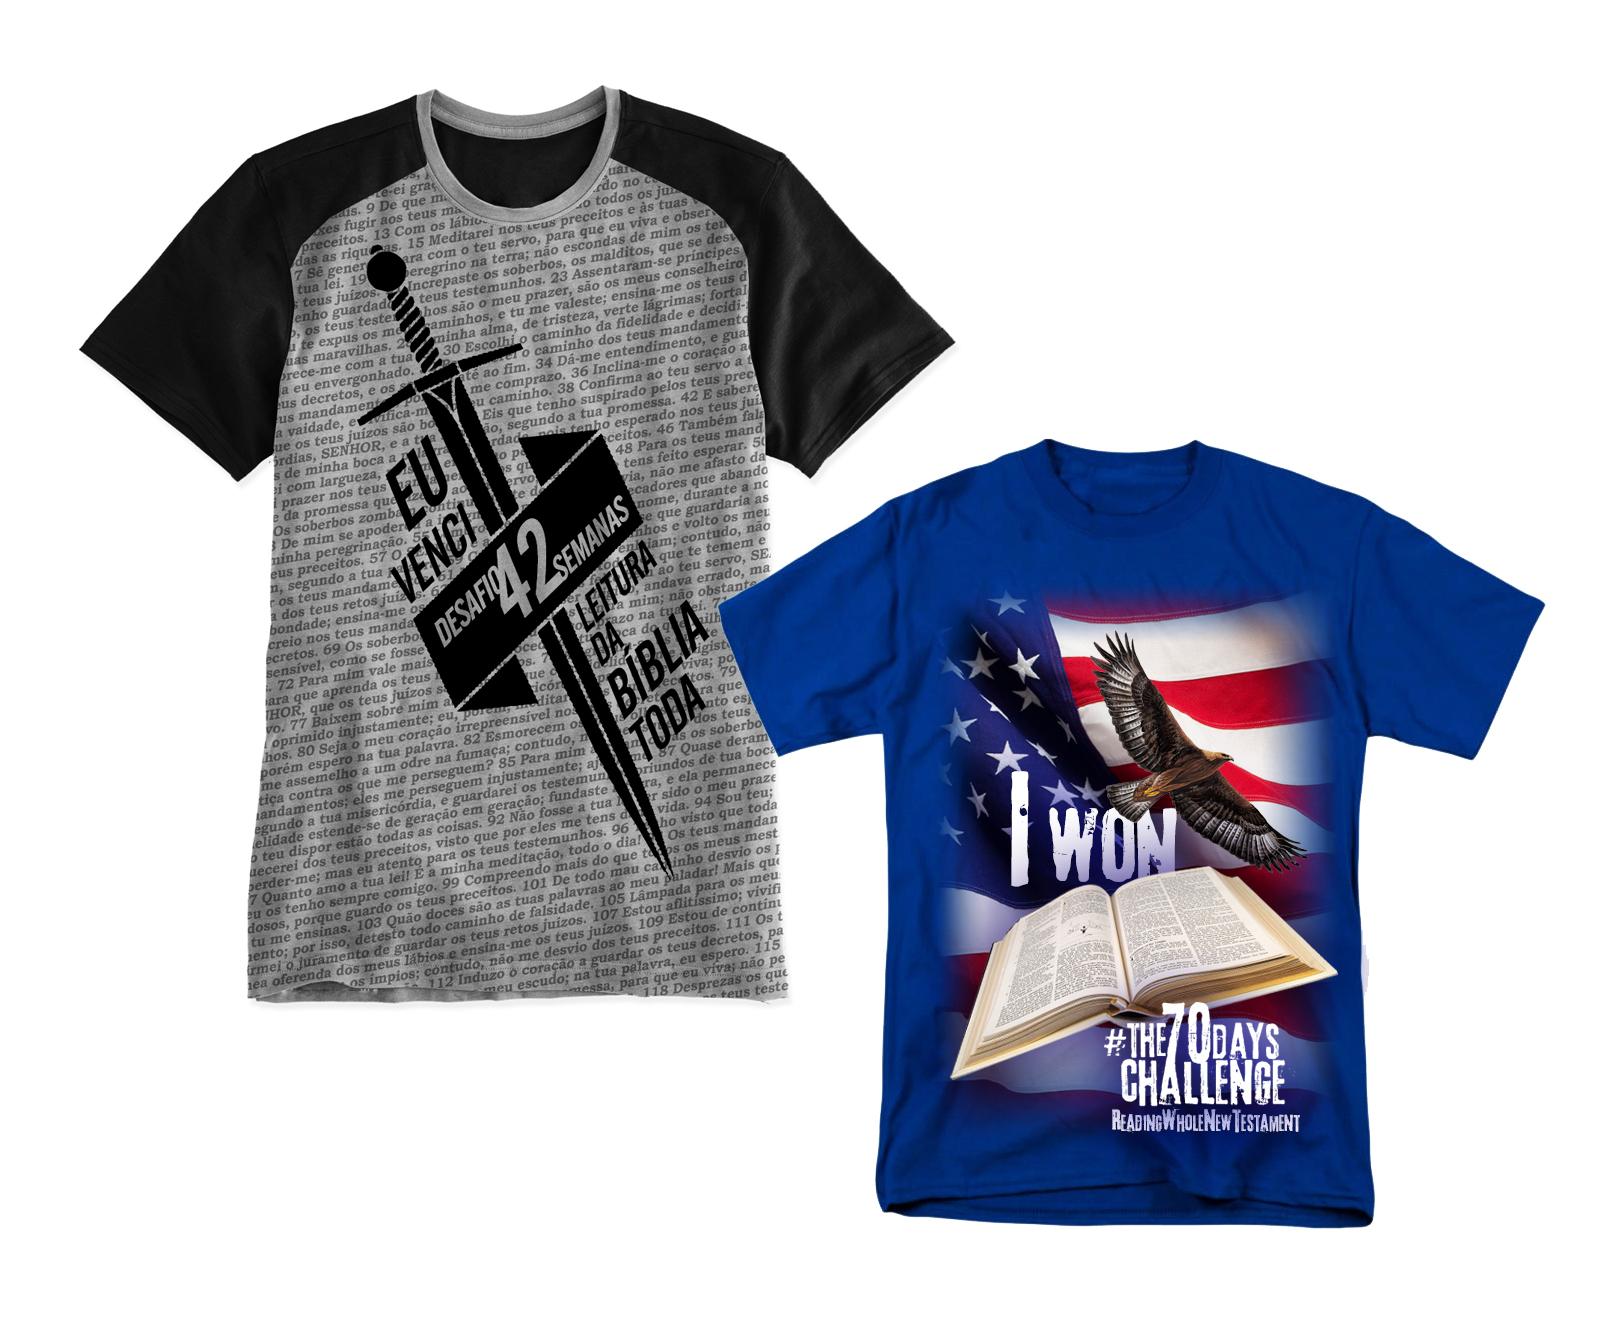 camisetas_42_semanas_e_70_days